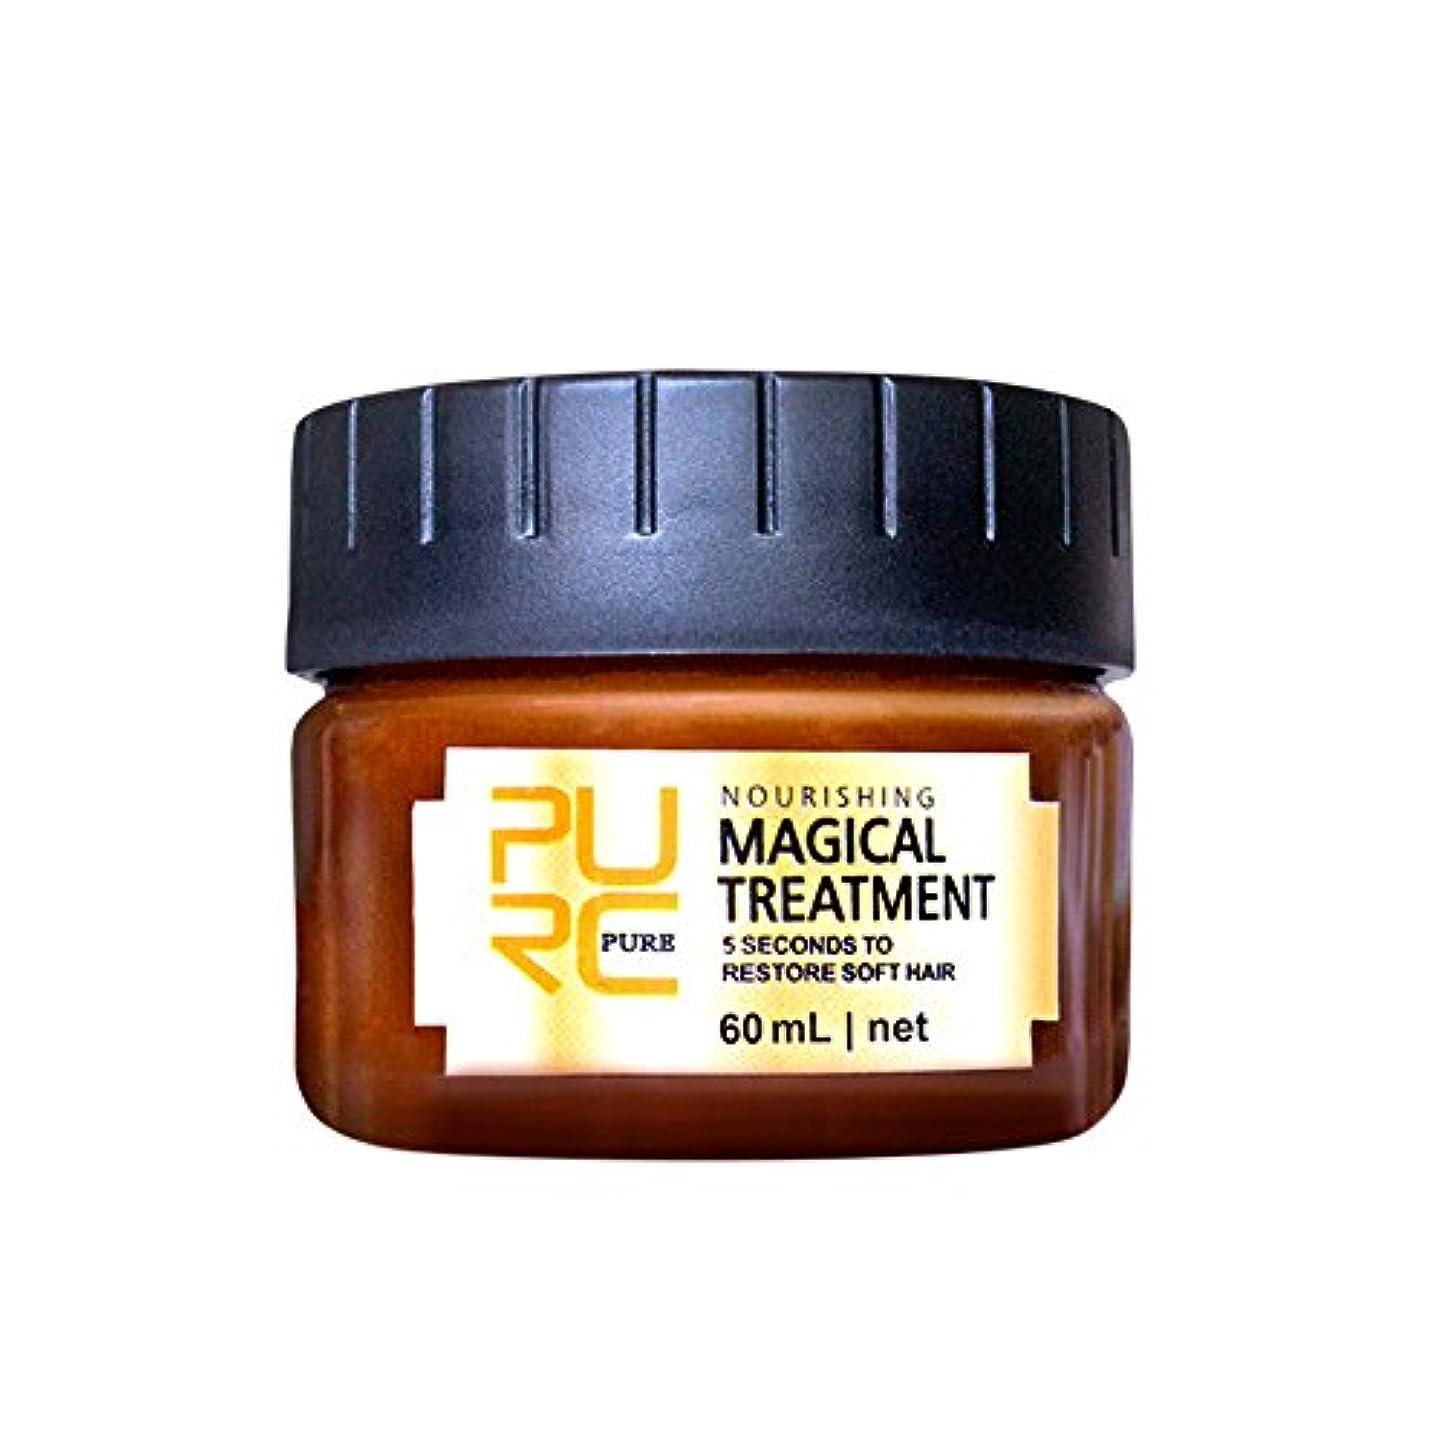 イーウェル音楽を聴く接ぎ木ヘアトリートメント ディープリペア軟膏マスク 髪の栄養素を補う 角質層の保護を強化する 乾燥した髪に適しています 髪を柔らかくつやつやに保ちます 60ml / 120ml (B 60 ml)